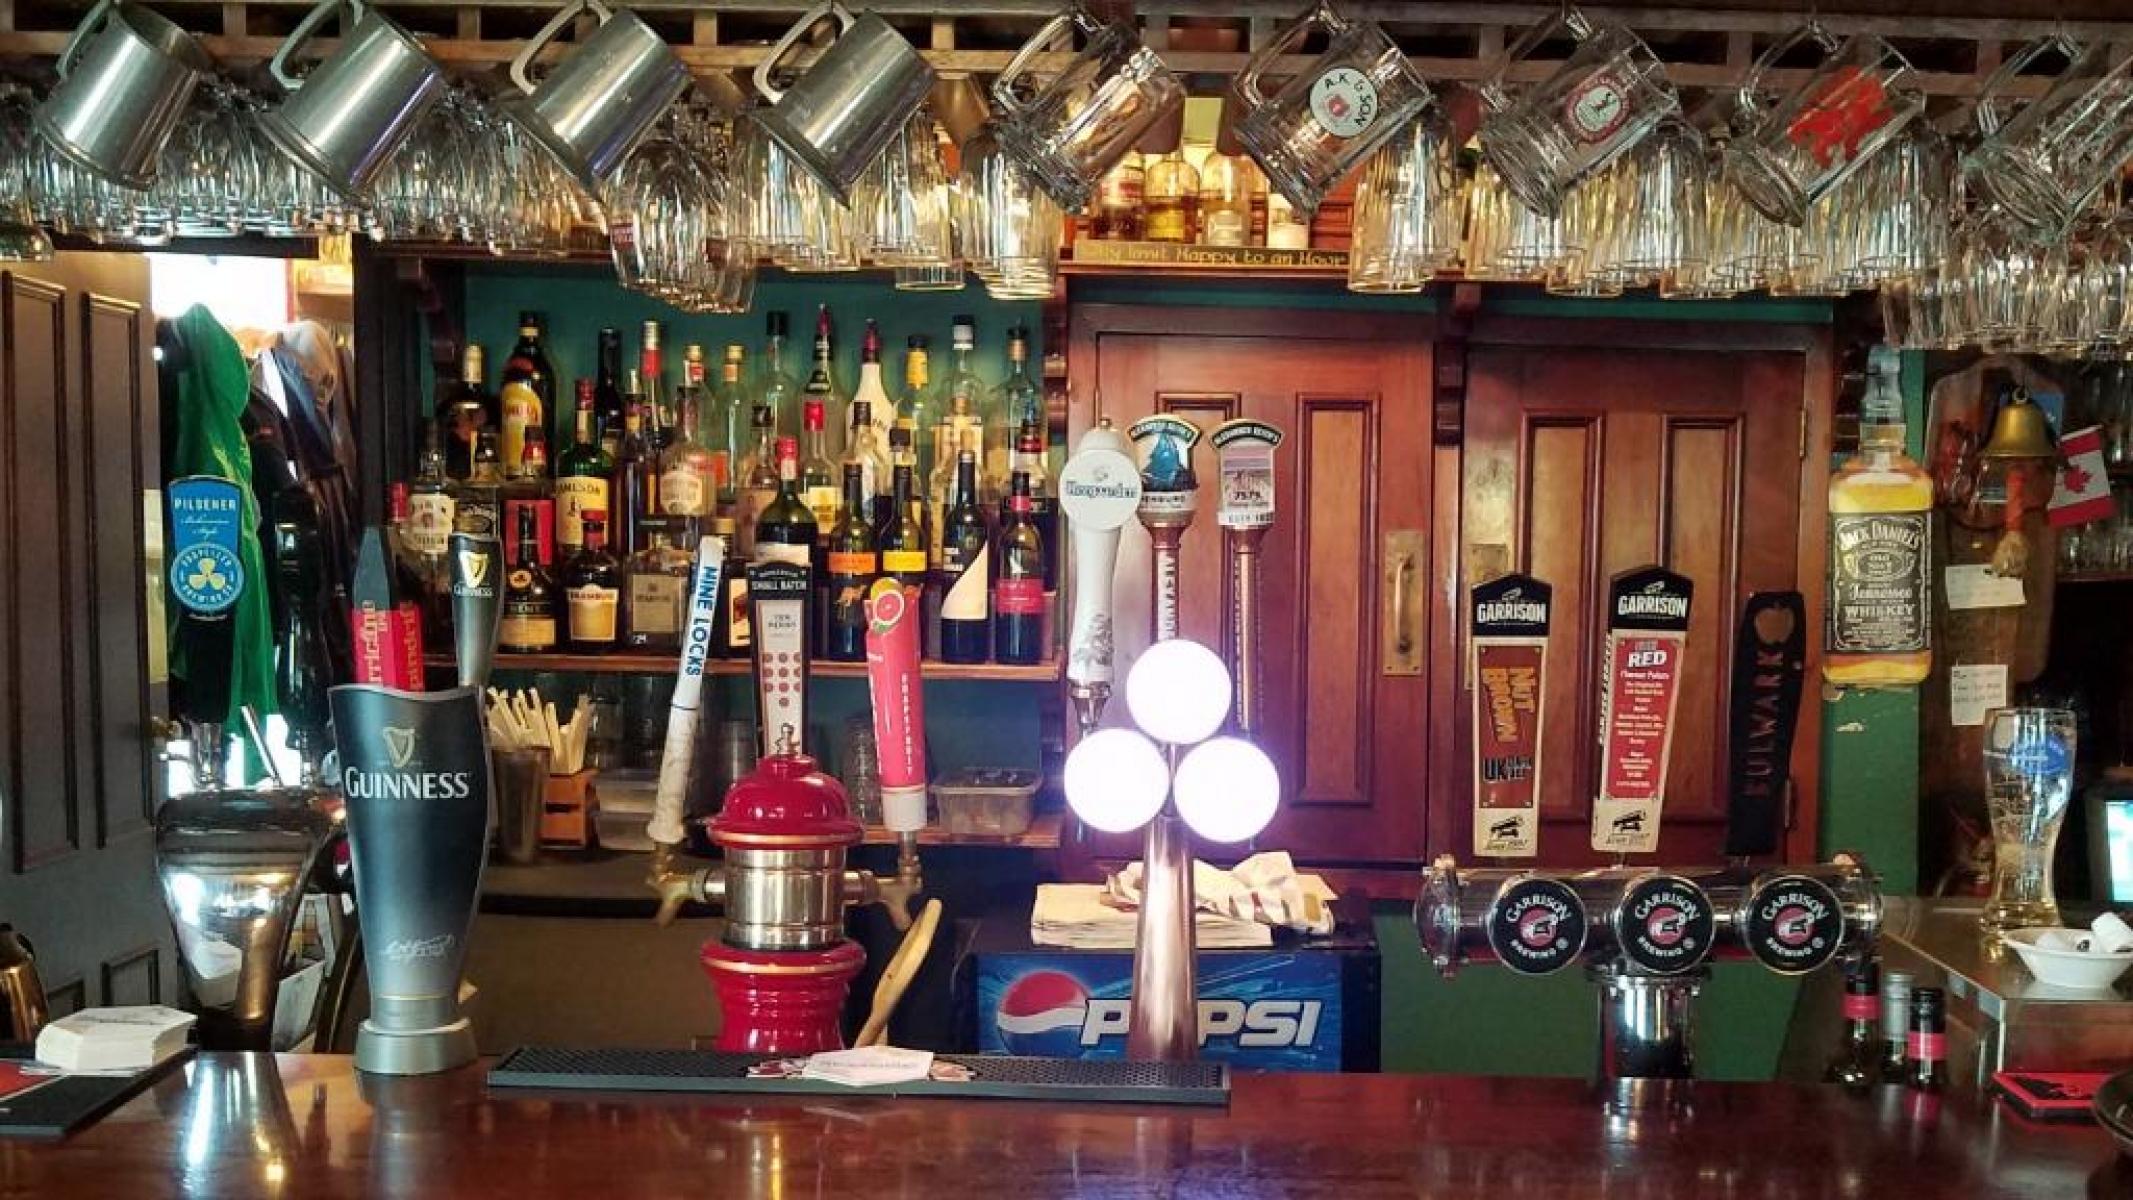 Some taps at bar